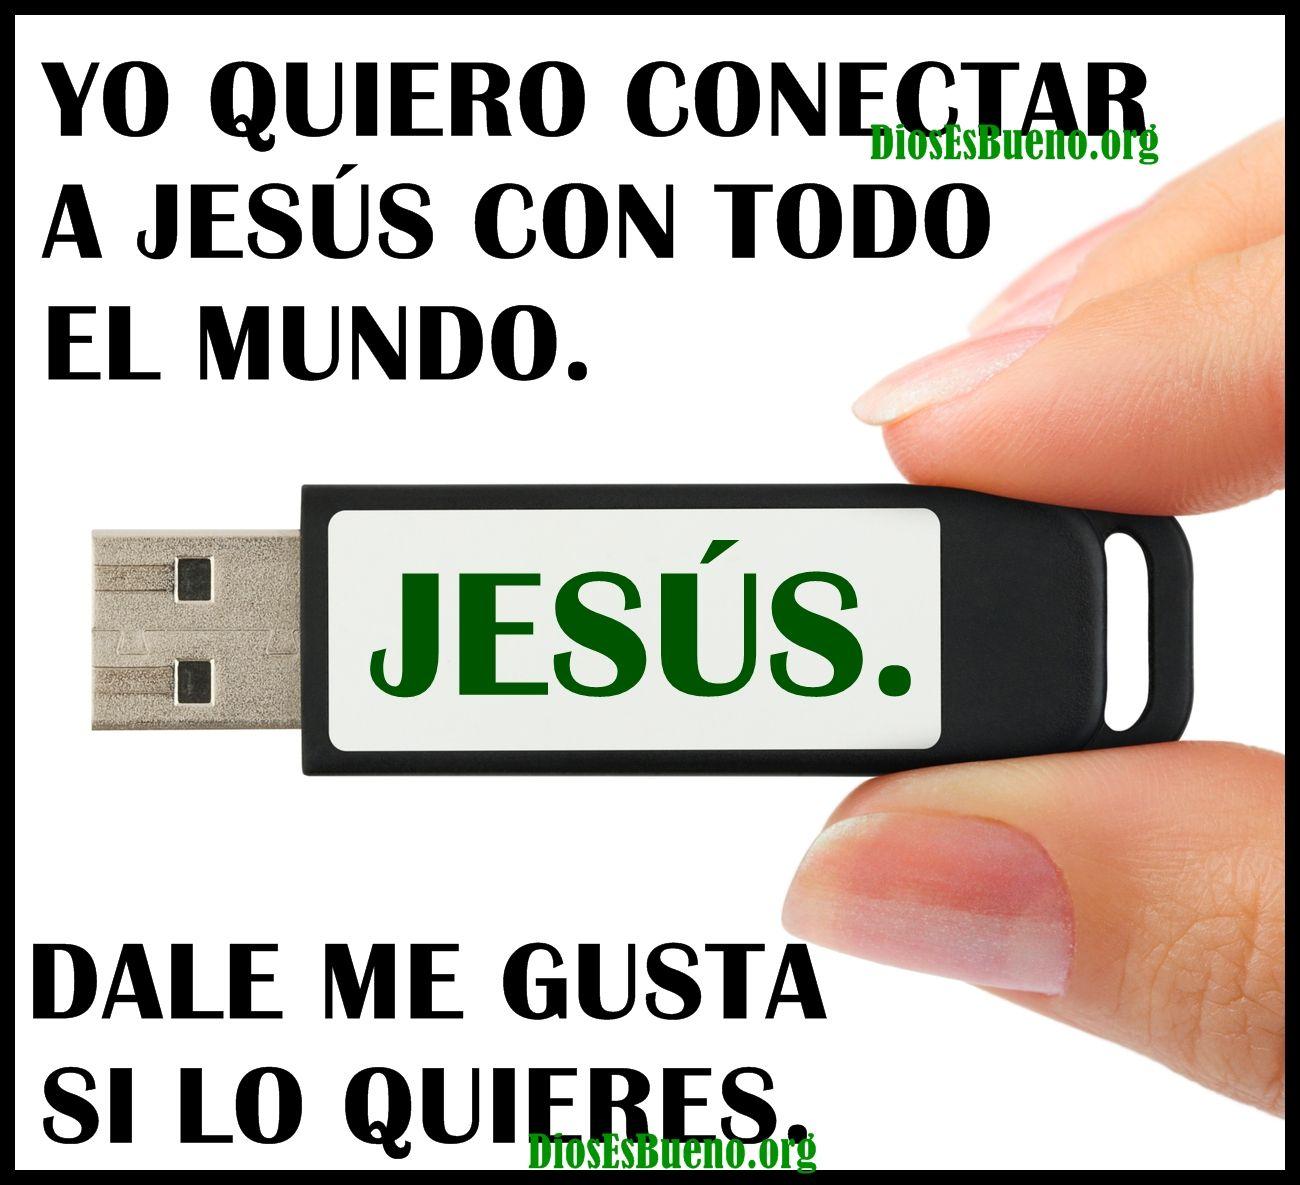 Yo Quiero Conectar a Jesús